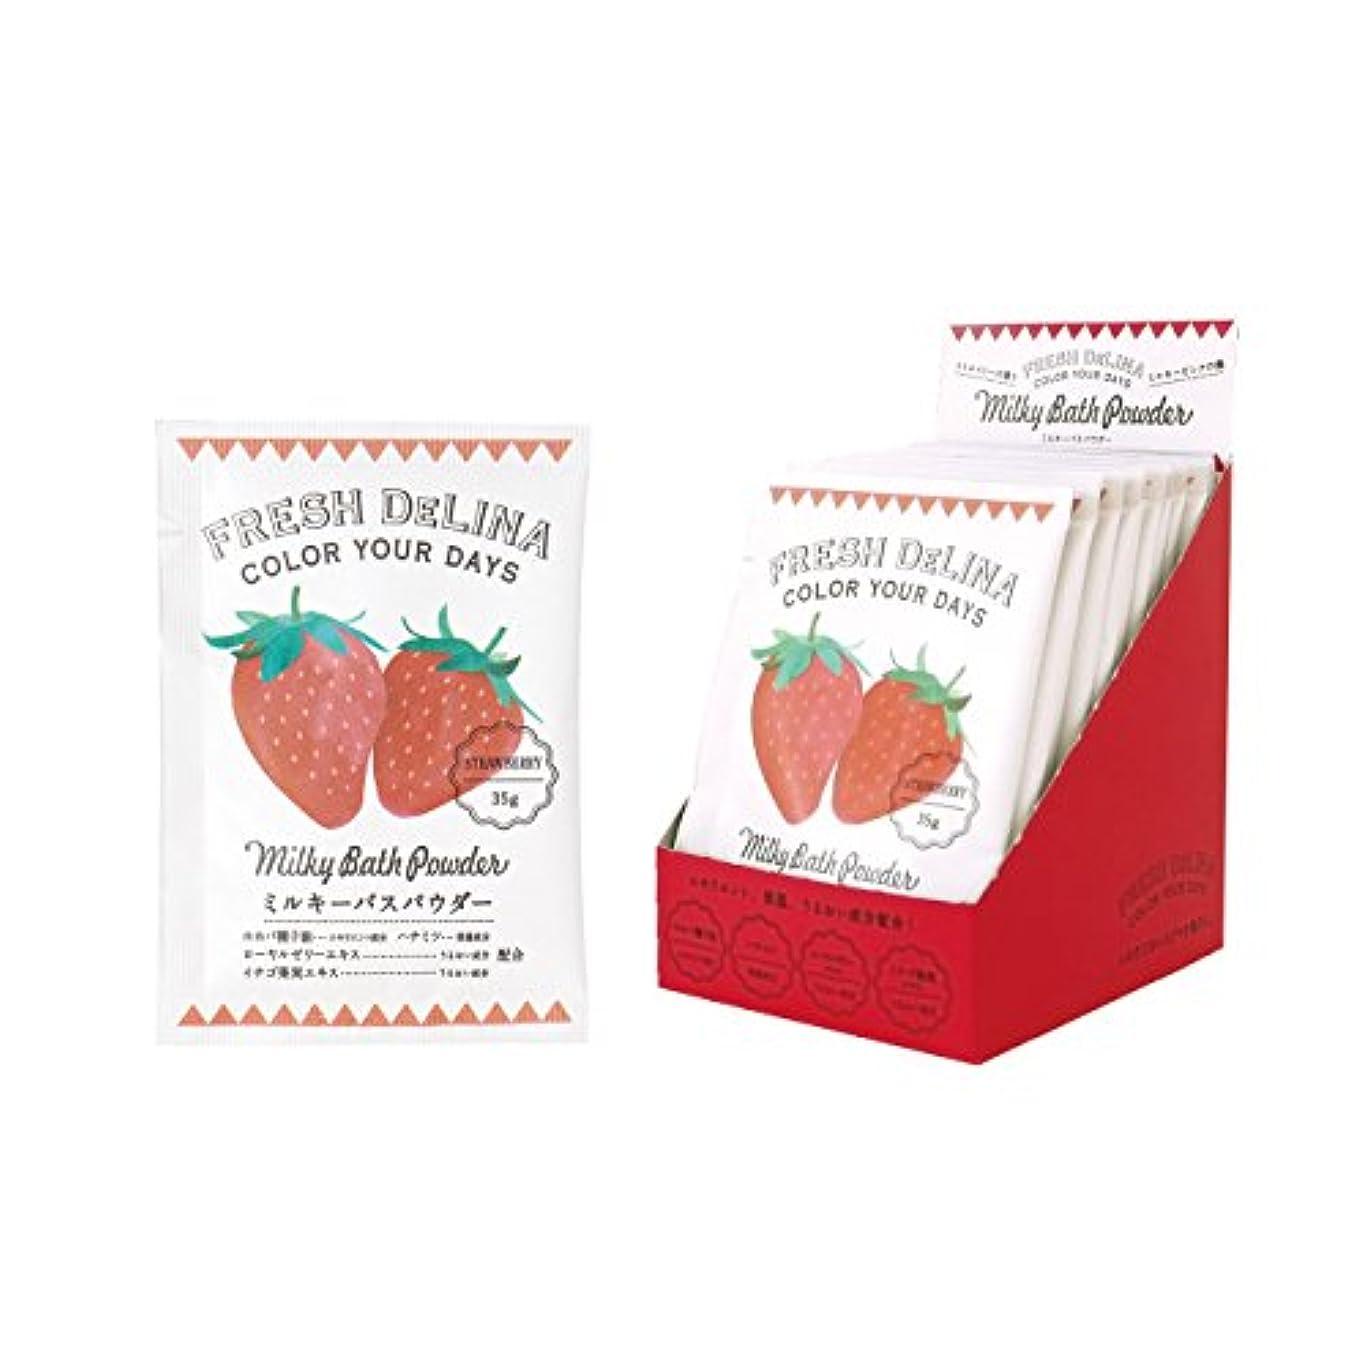 符号宮殿調和フレッシュデリーナ ミルキーバスパウダー 35g (ストロベリー) 12個 (白濁タイプ入浴料 日本製 ジューシーなイチゴの香り)